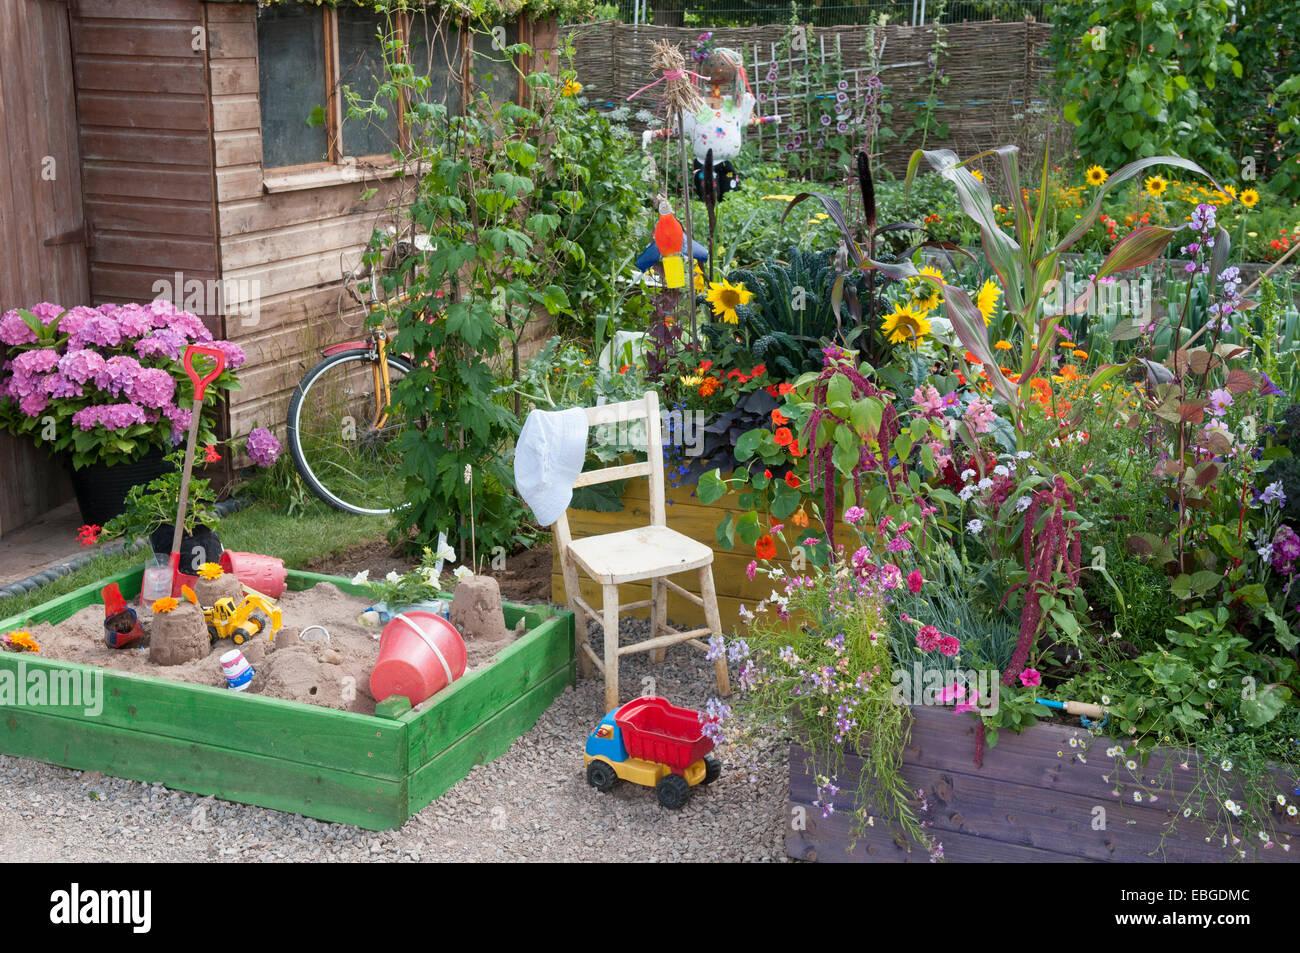 Giochi Per Bambini In Giardino area giochi per bambini in un giardino di occupato di rialzo